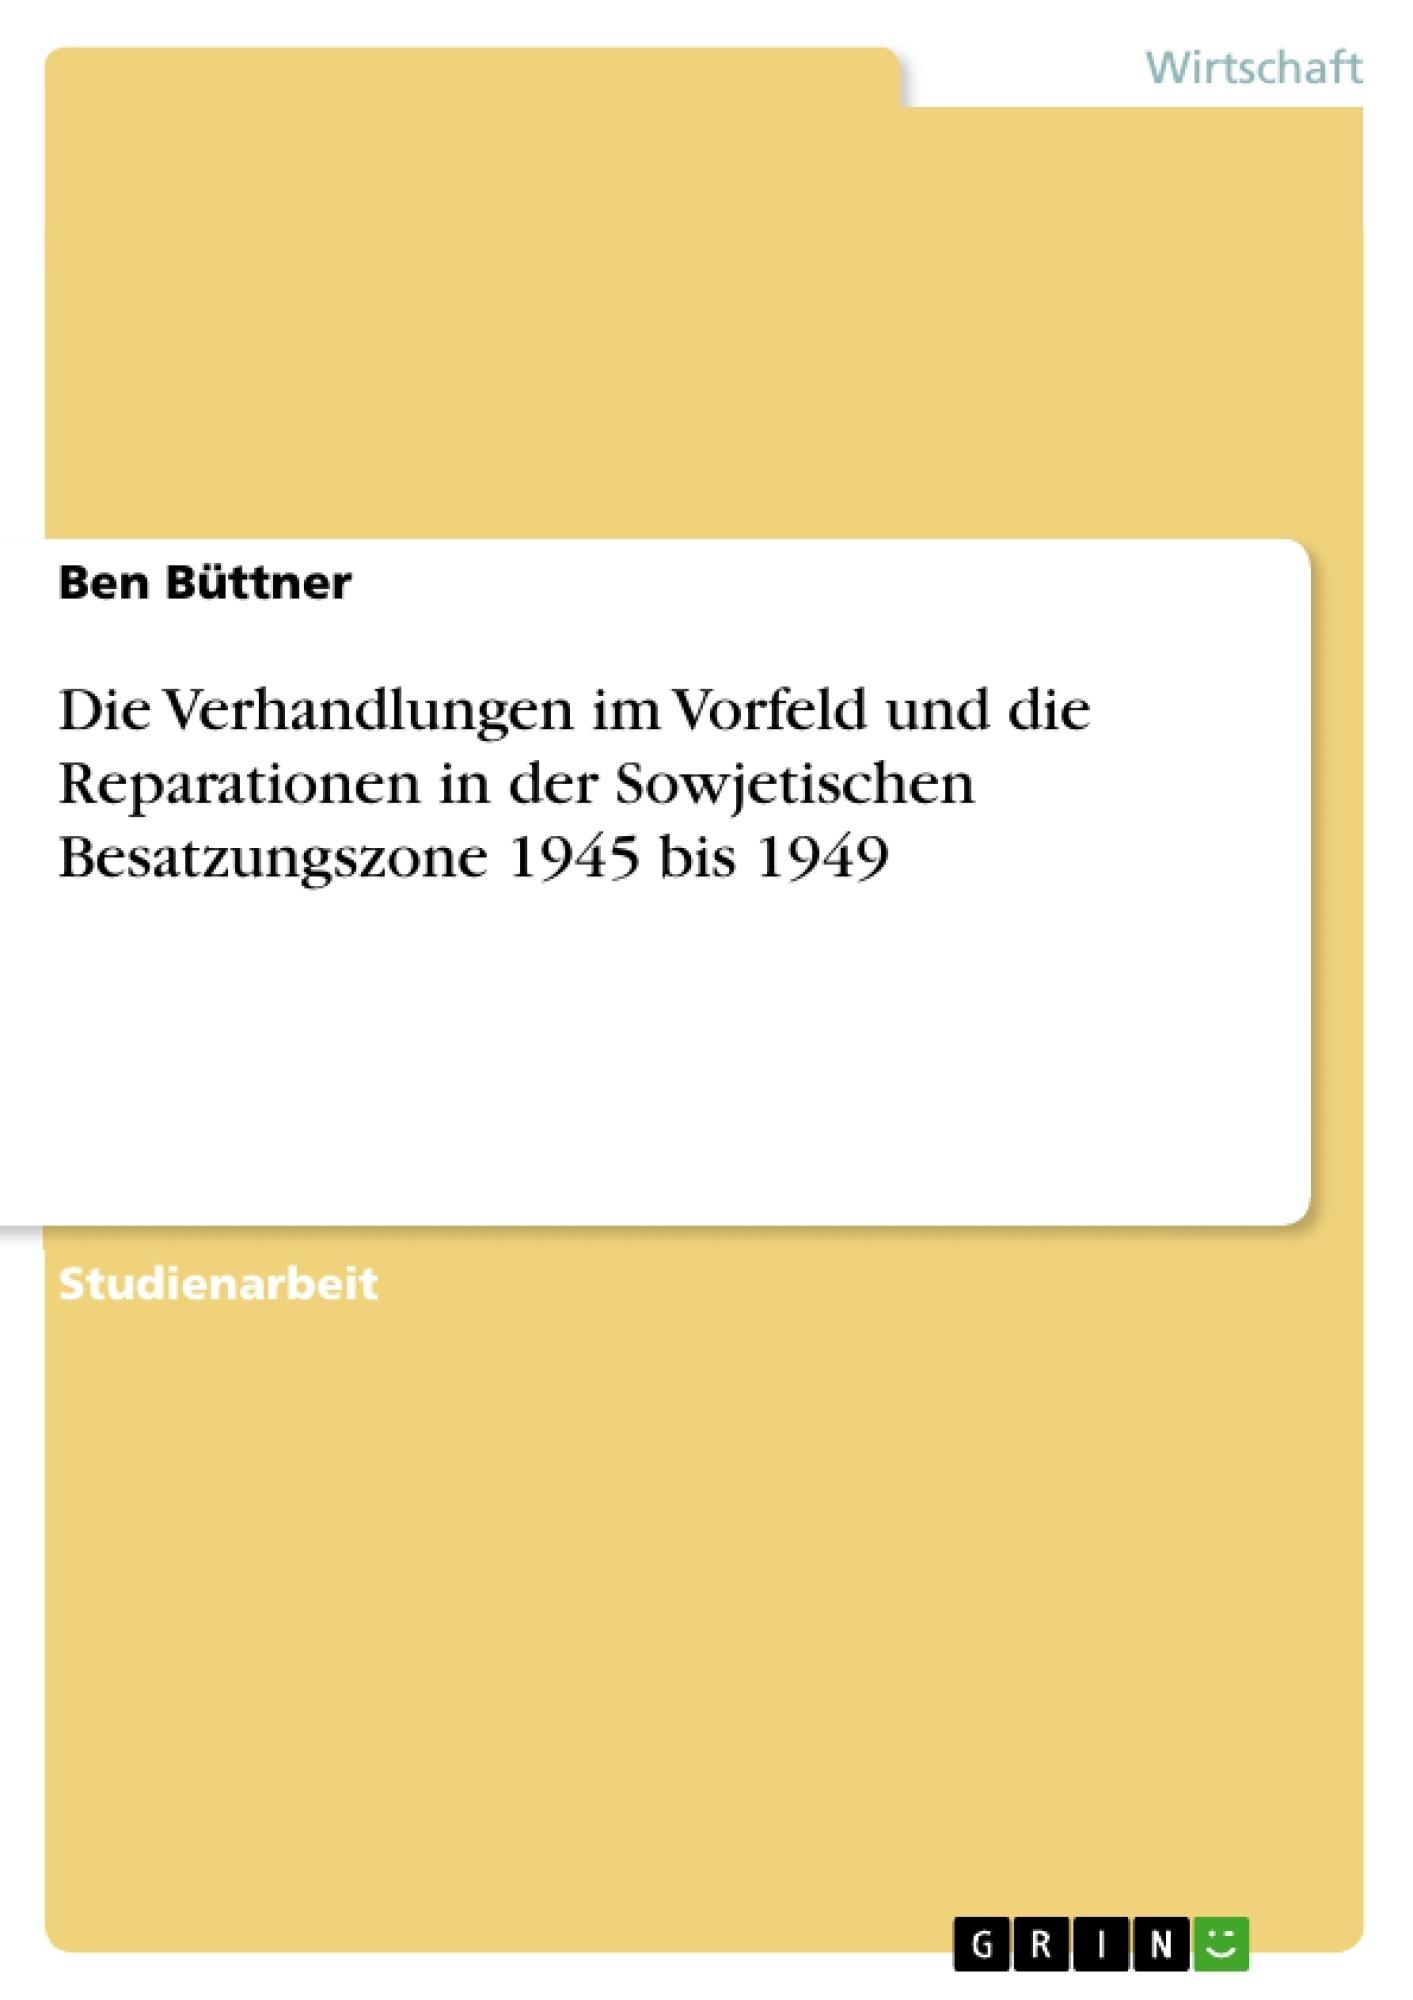 Titel: Die Verhandlungen im Vorfeld und die Reparationen in der Sowjetischen Besatzungszone 1945 bis 1949